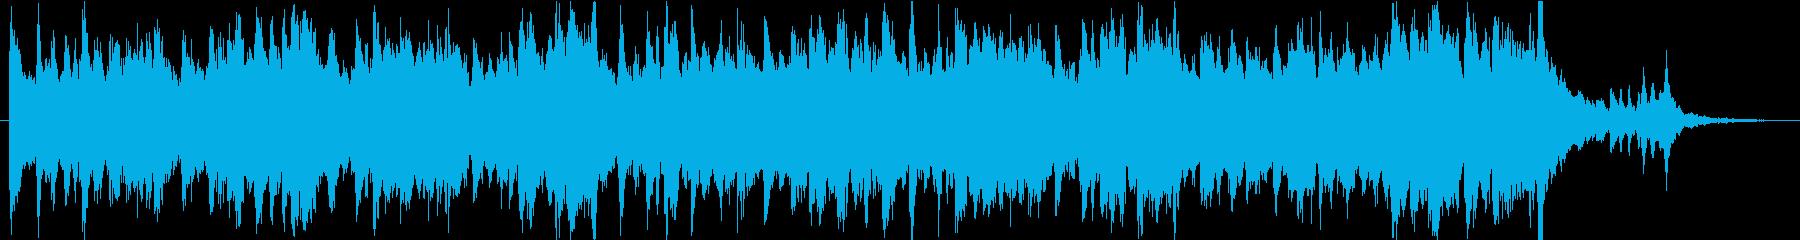 企業PV】前向き、感動BGM【短縮版】の再生済みの波形